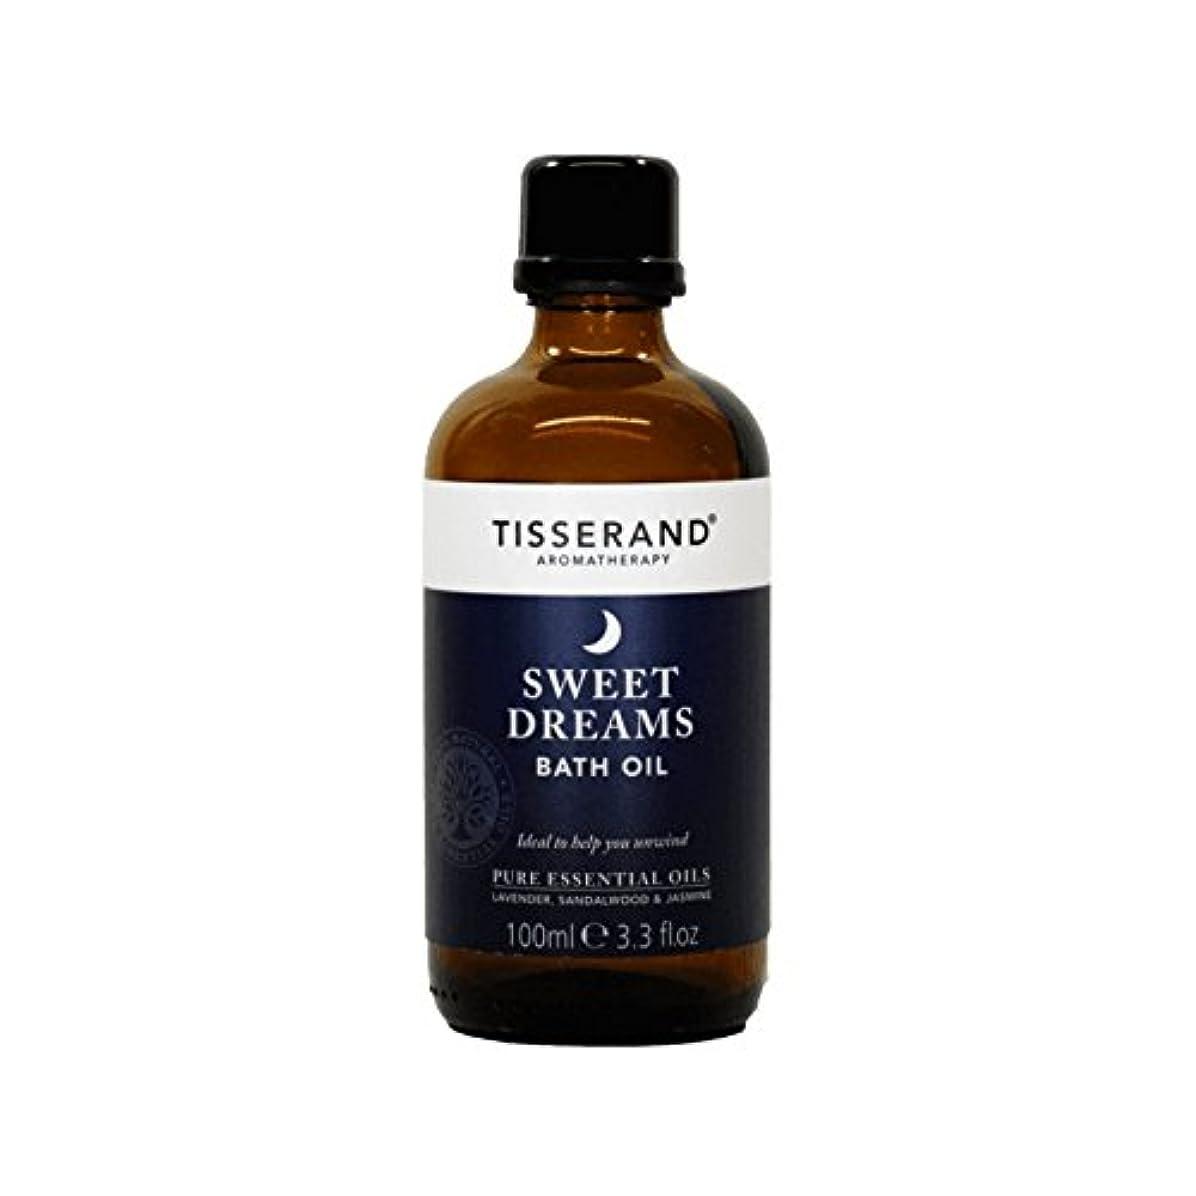 病気だと思うできるファンネルウェブスパイダーティスランド甘い夢バスオイルの100ミリリットル - Tisserand Sweet Dreams Bath Oil 100ml (Tisserand) [並行輸入品]